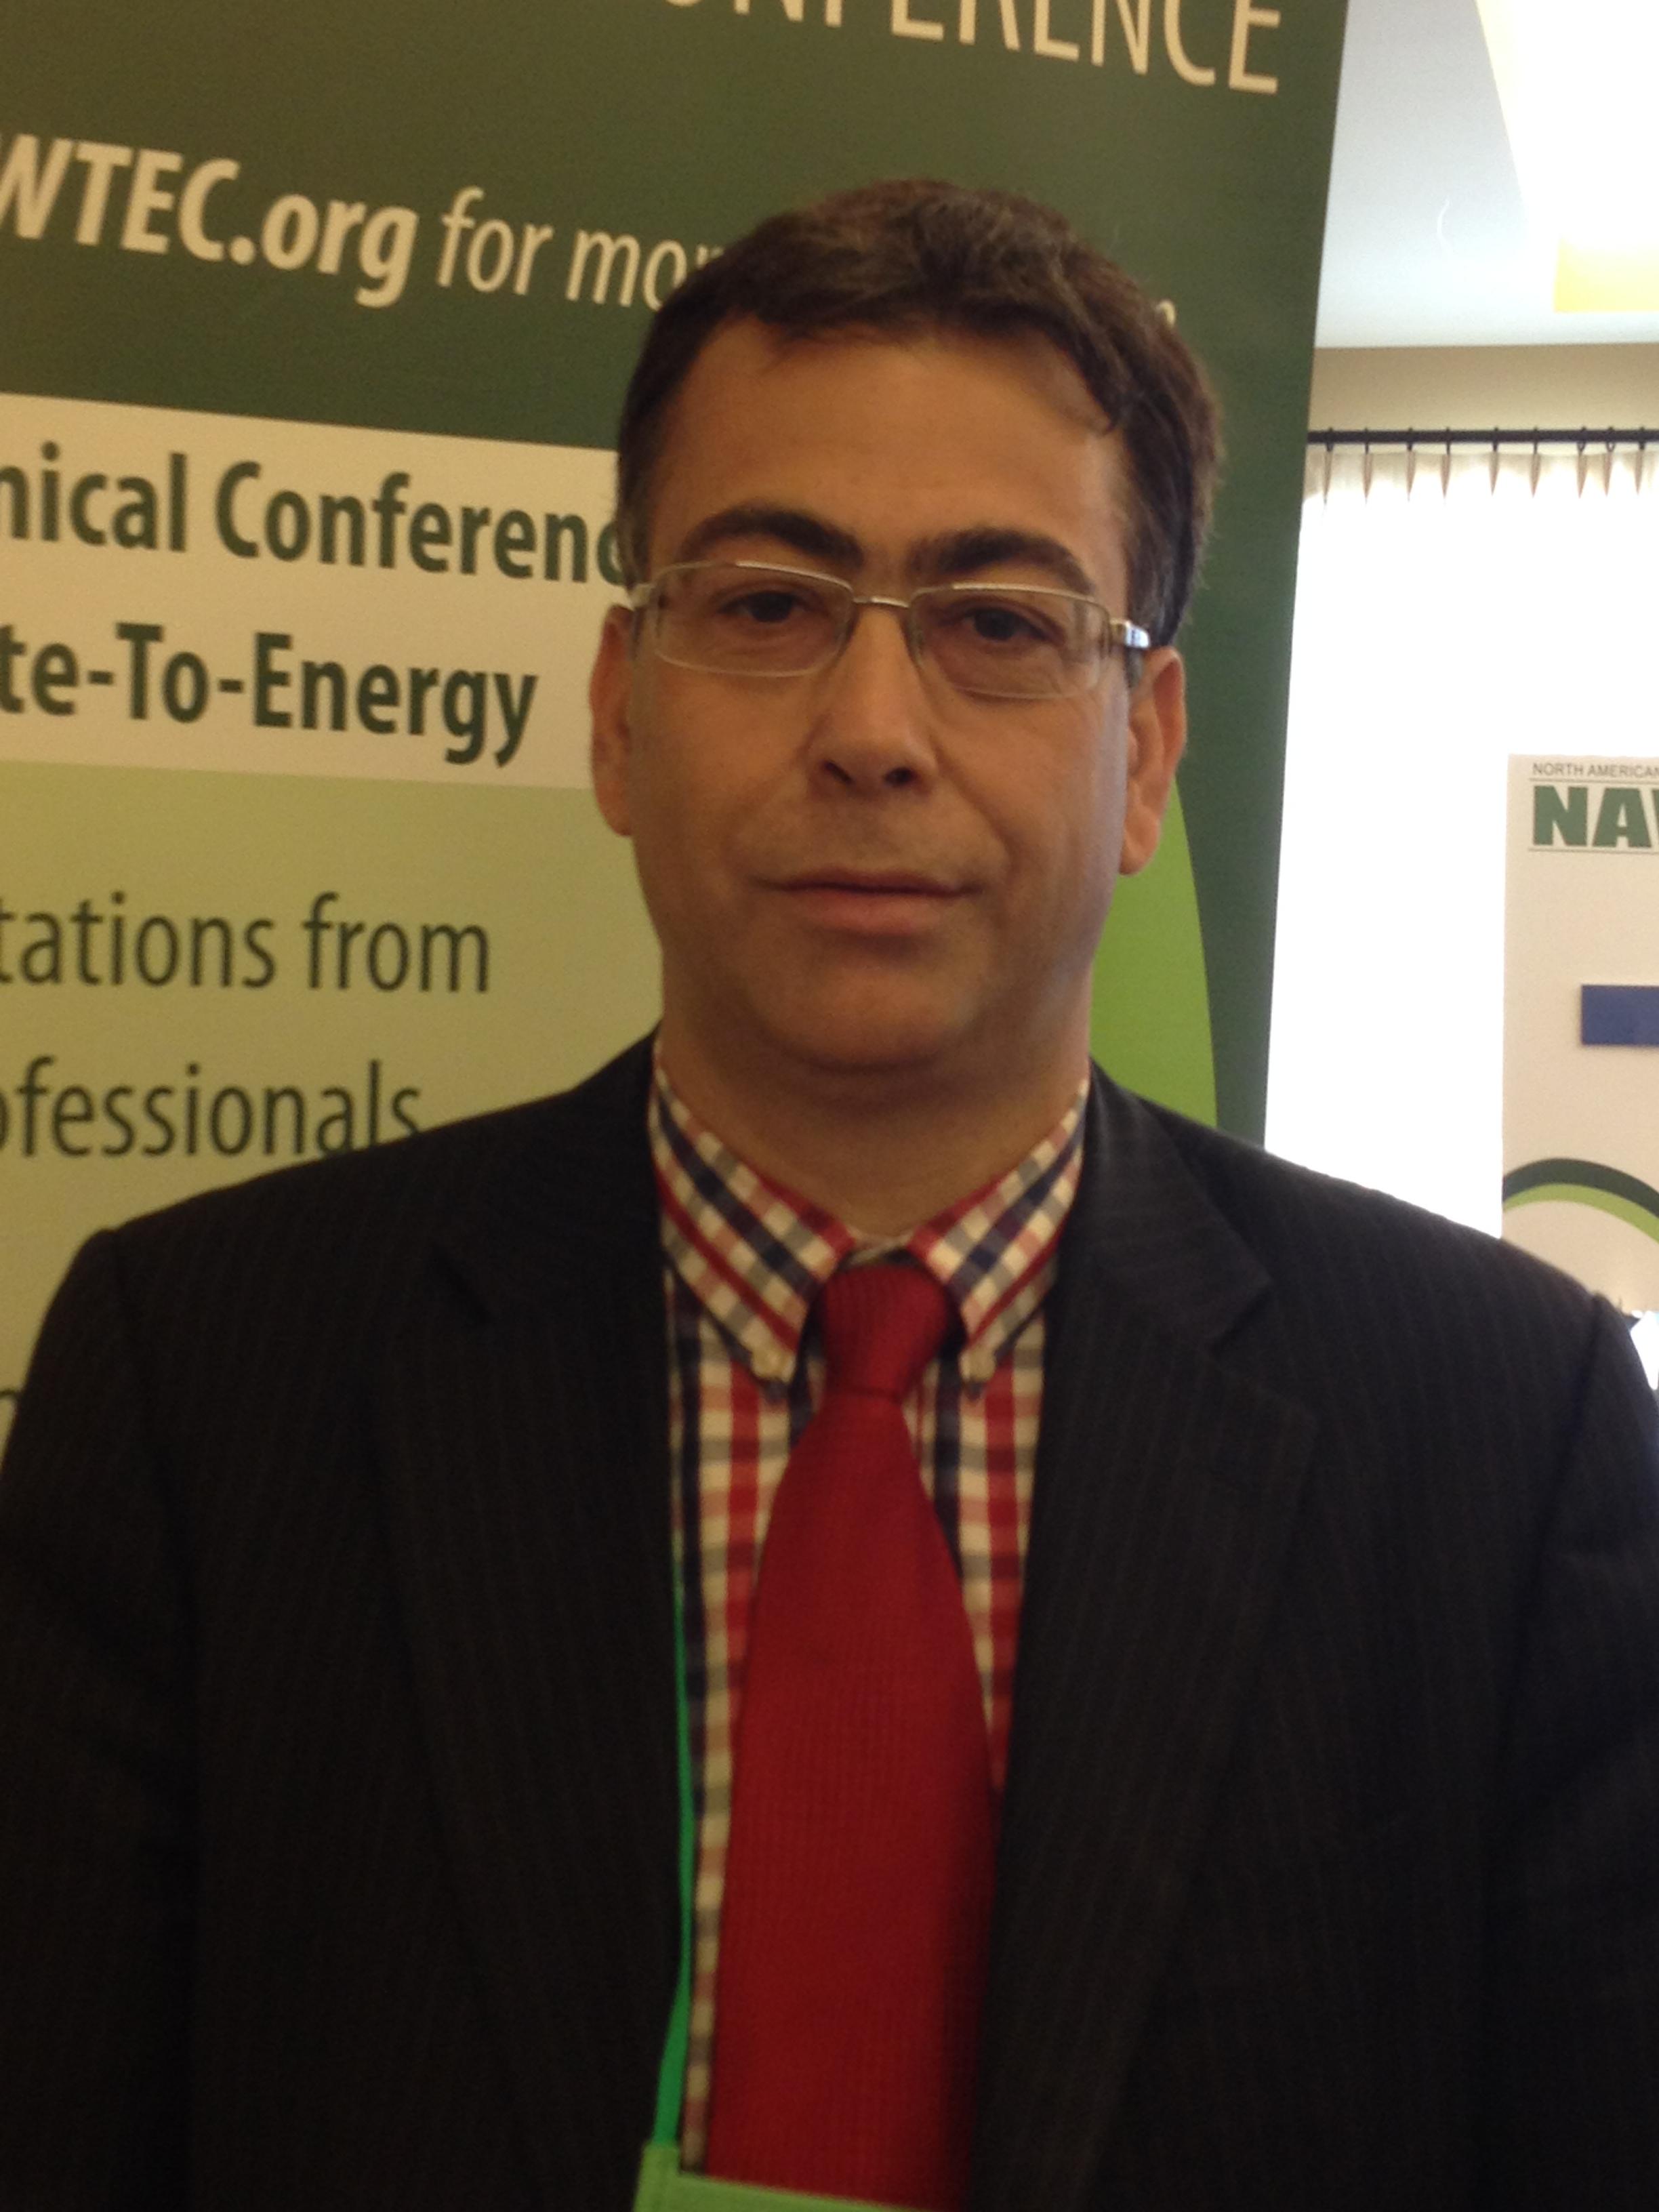 Dr. Efstratios Kalogirou